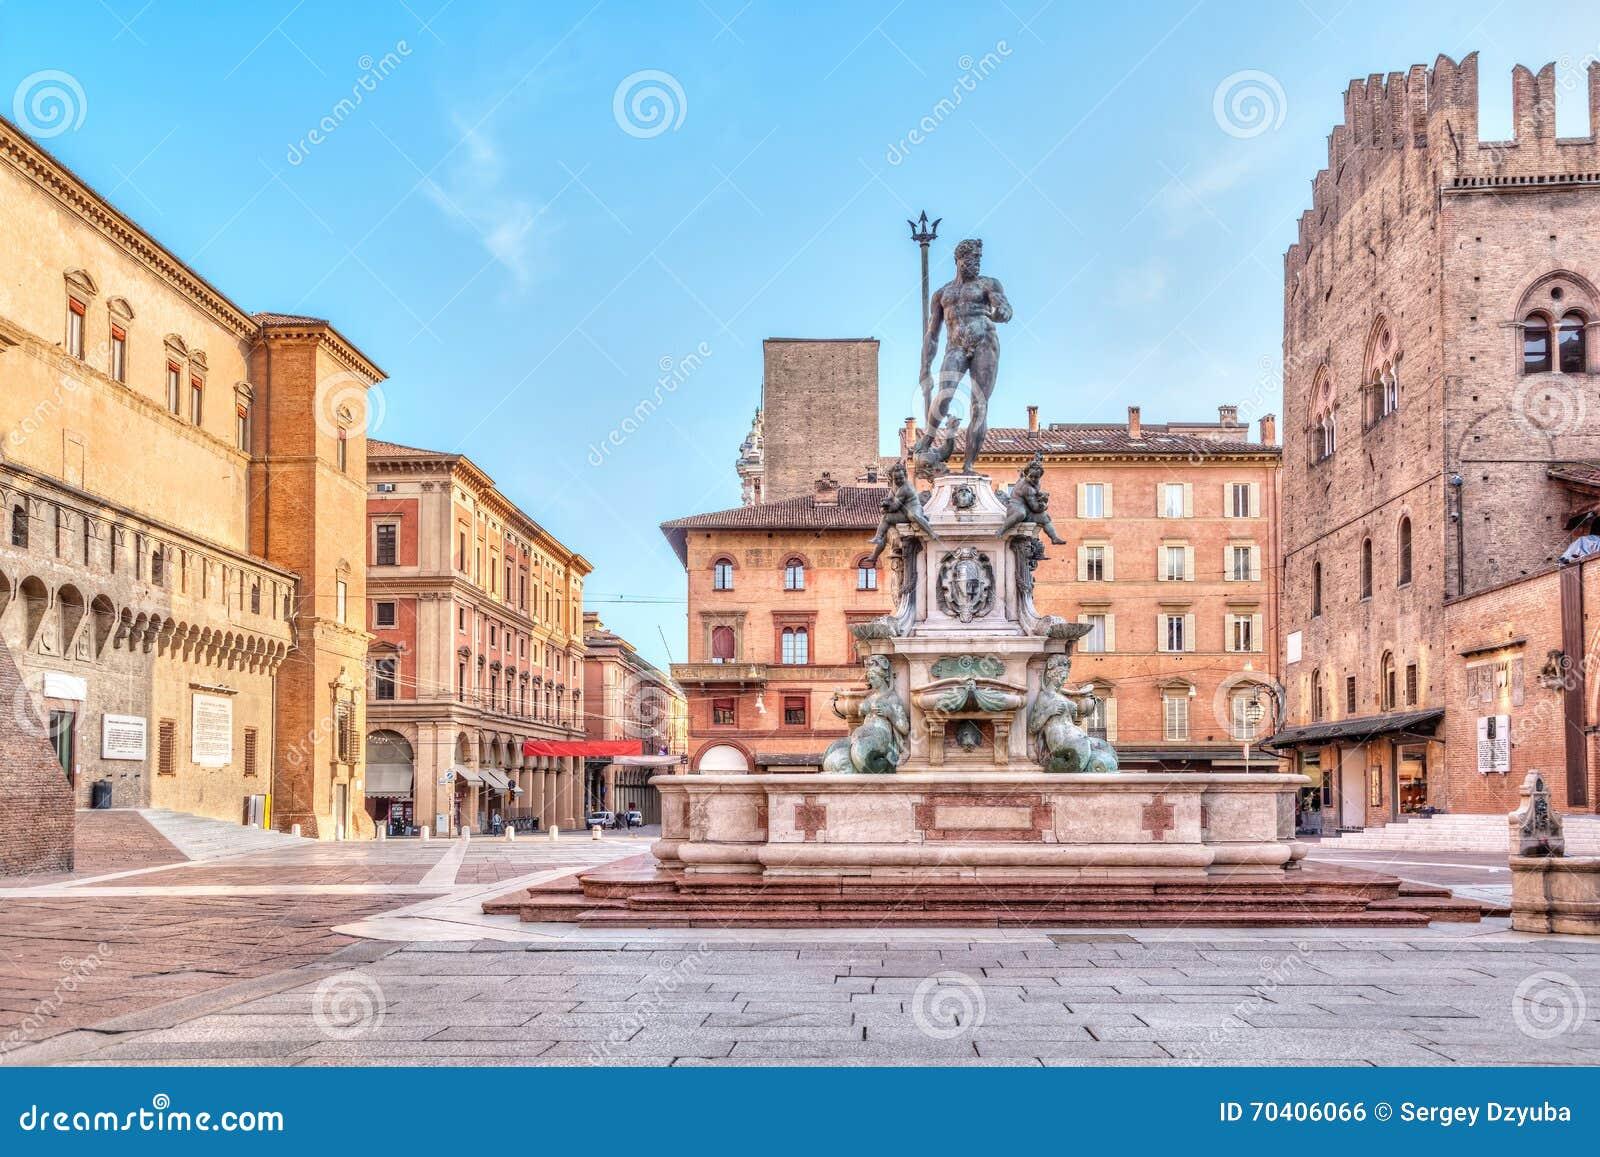 Piazza del Nettuno square in Bologna